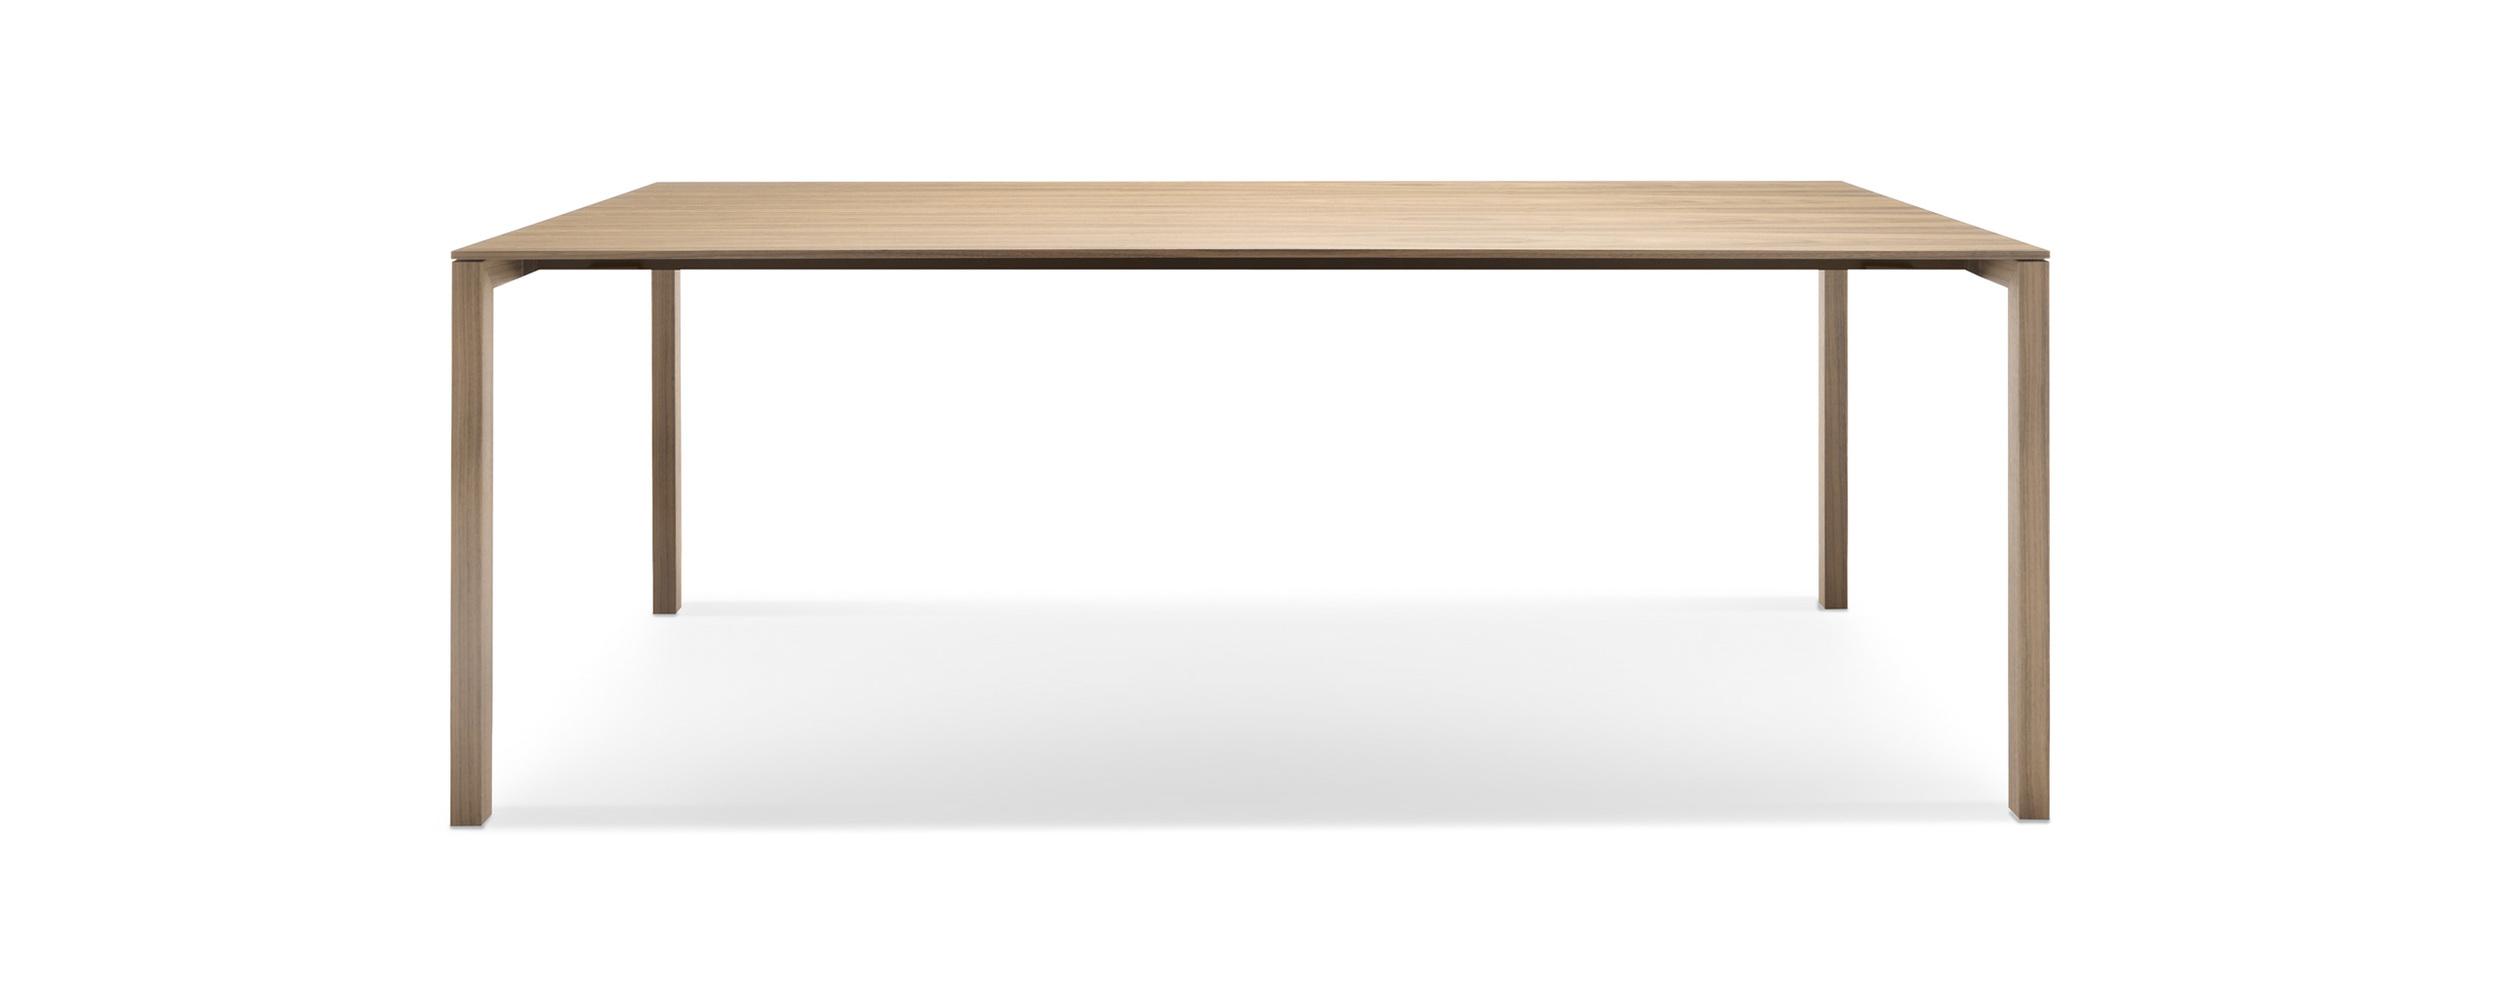 195_naan_7 Cassina Loncin design verlengbare tafel meubel zetel Leuven Brussels mechelen antwerpen vlaams-branbant Limburg Hasselt Tongeren Genk Sint-Truiden Zoutleeuw.jpg